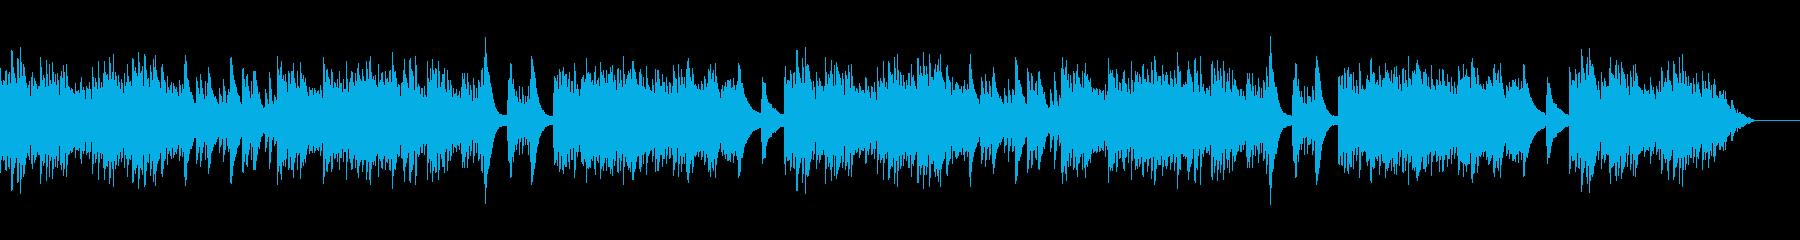 儚げなピアノソロの再生済みの波形